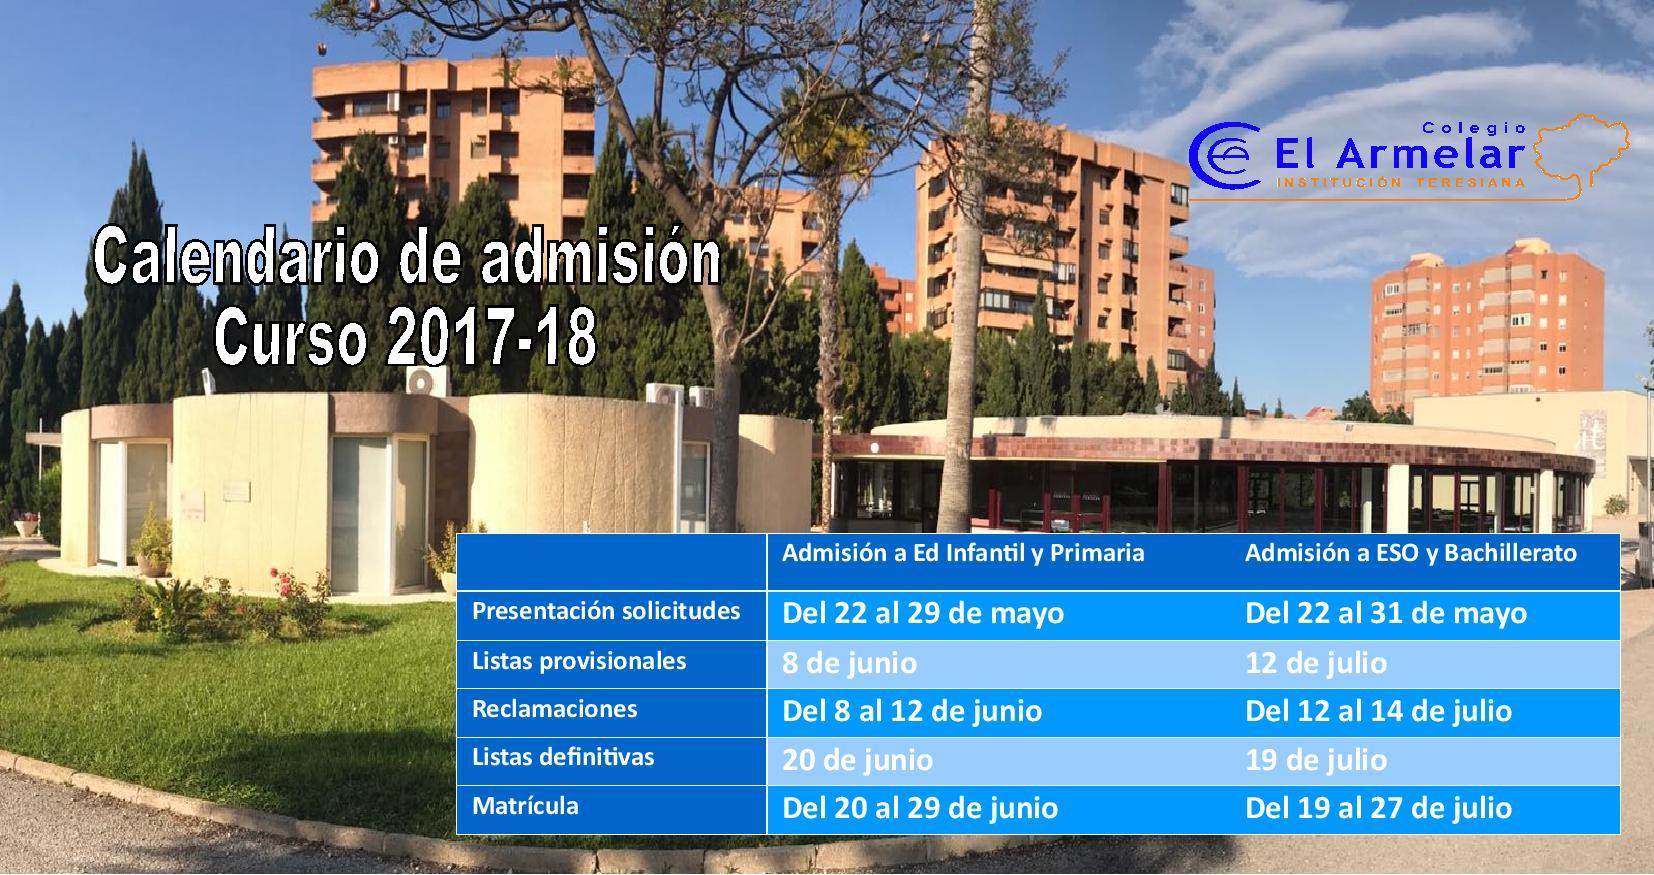 Colegio El Armelar - Calendario Matriculación 17-18